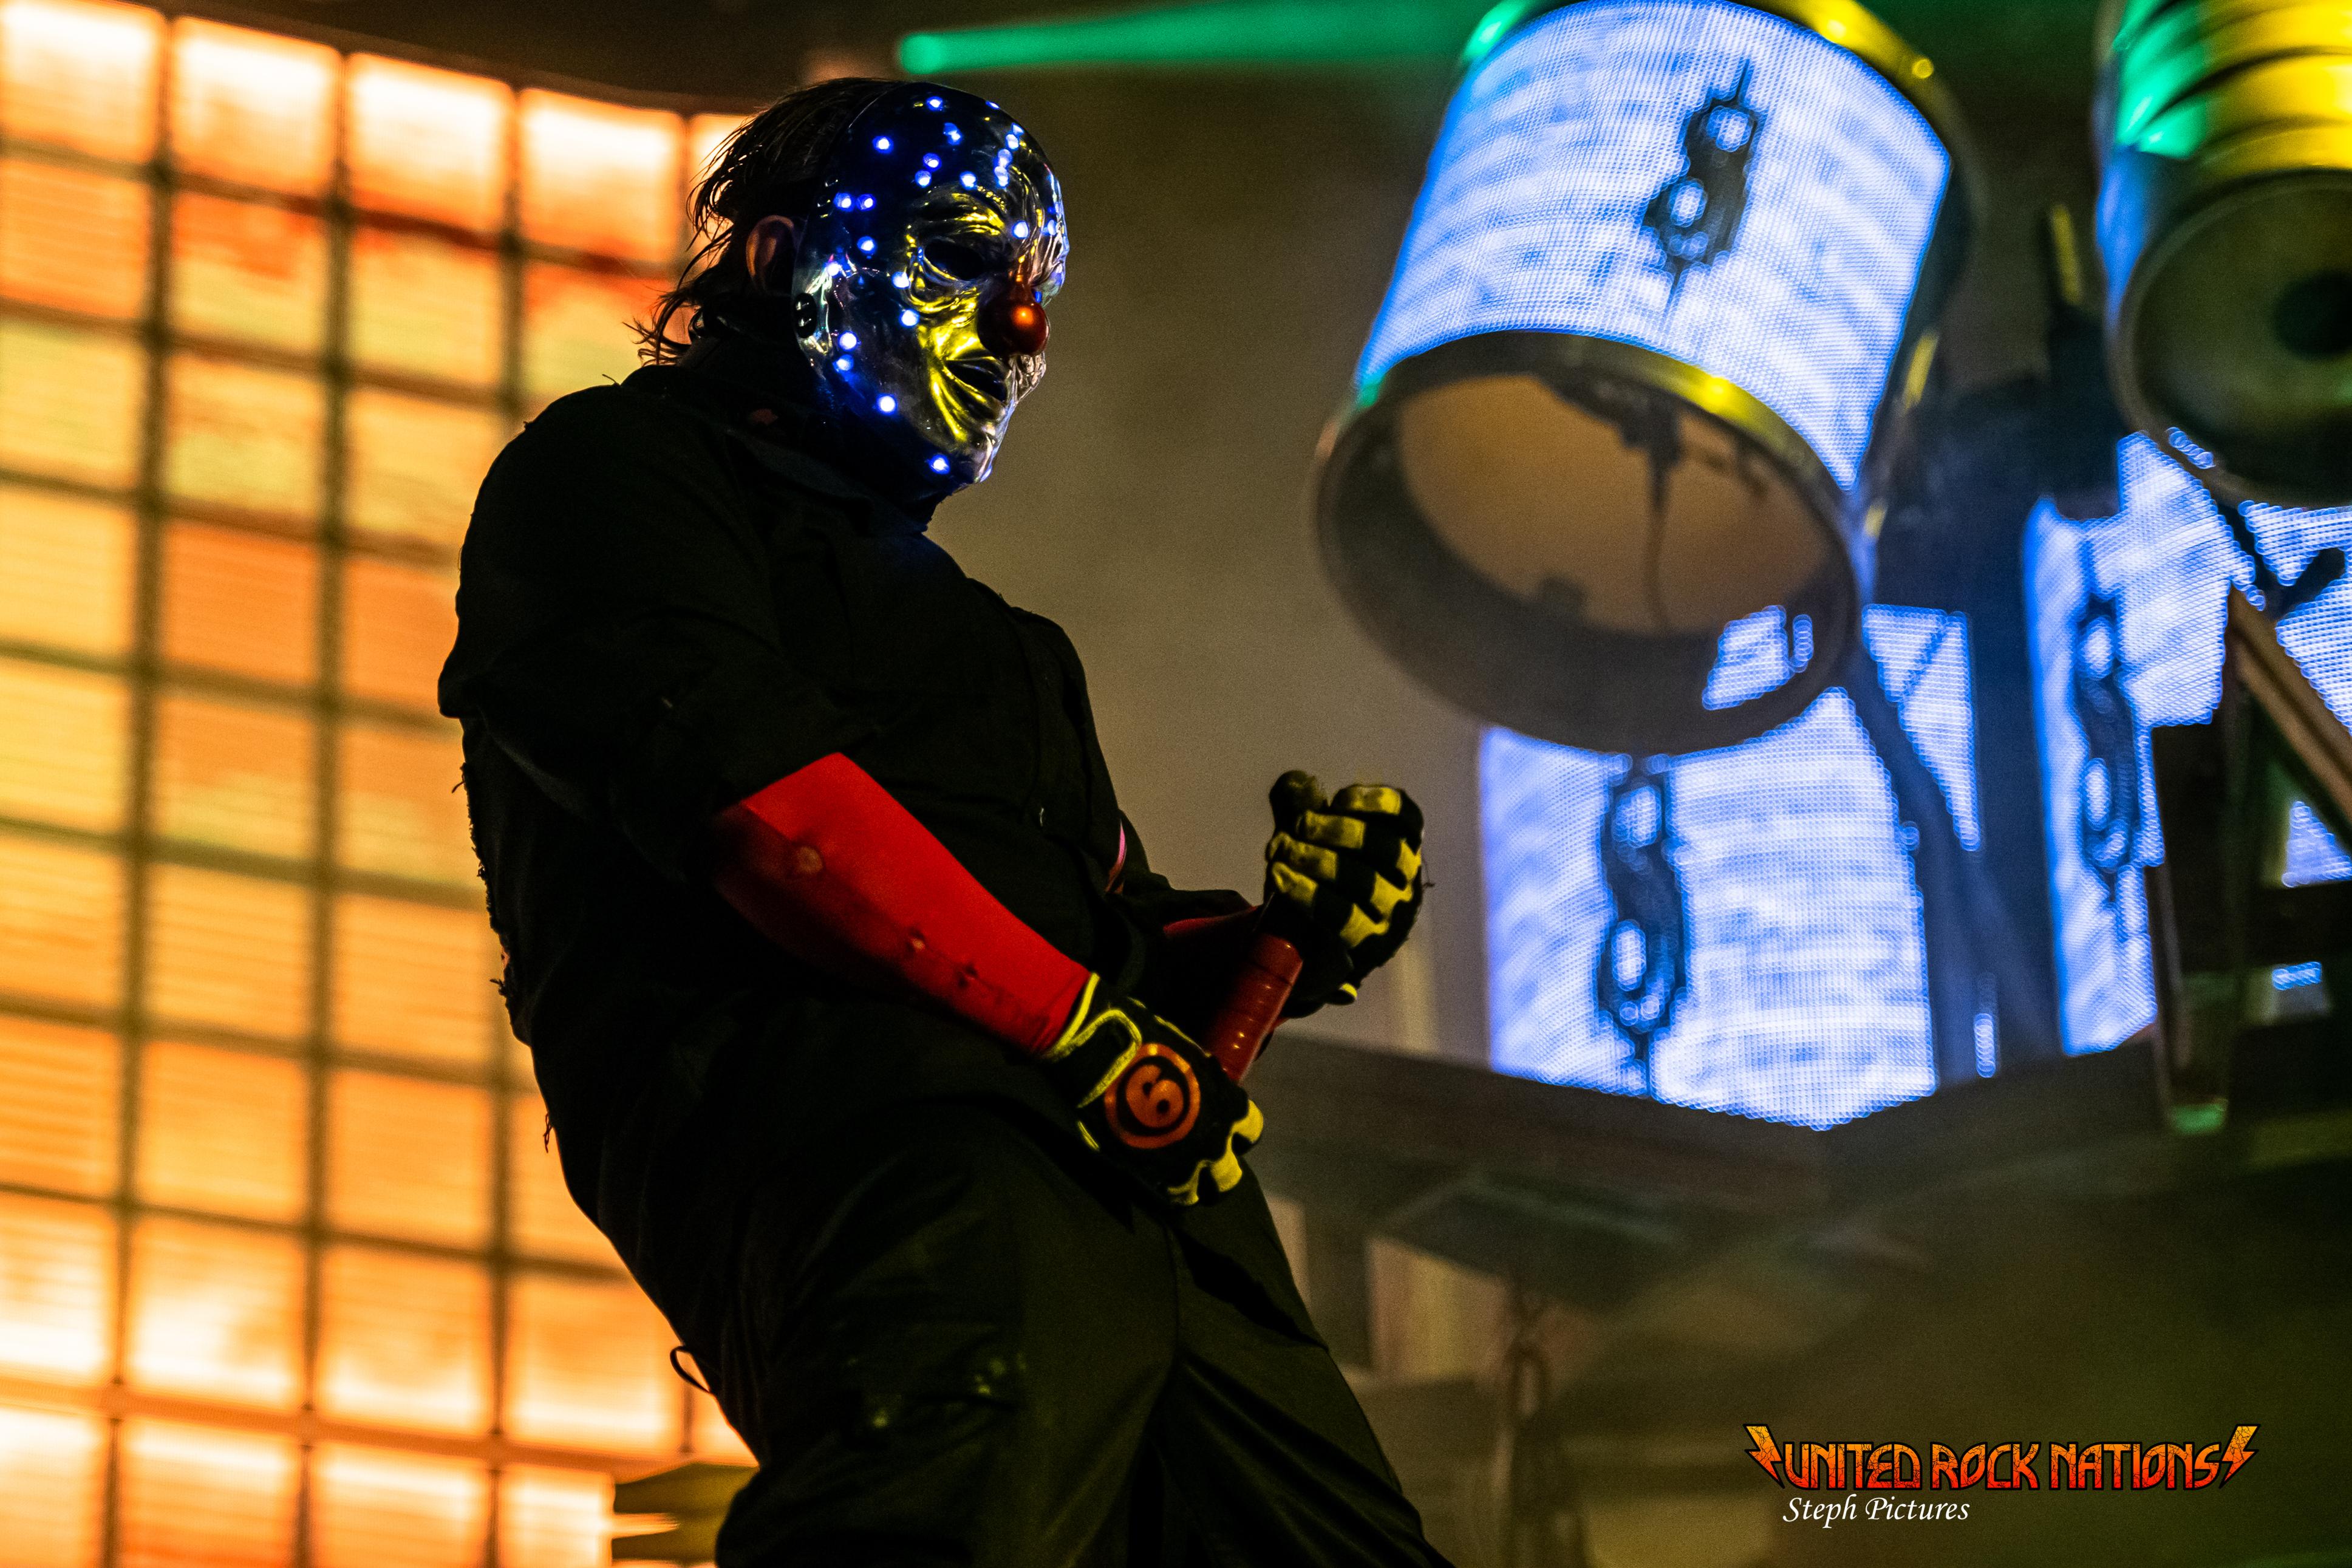 Slipknot - 11